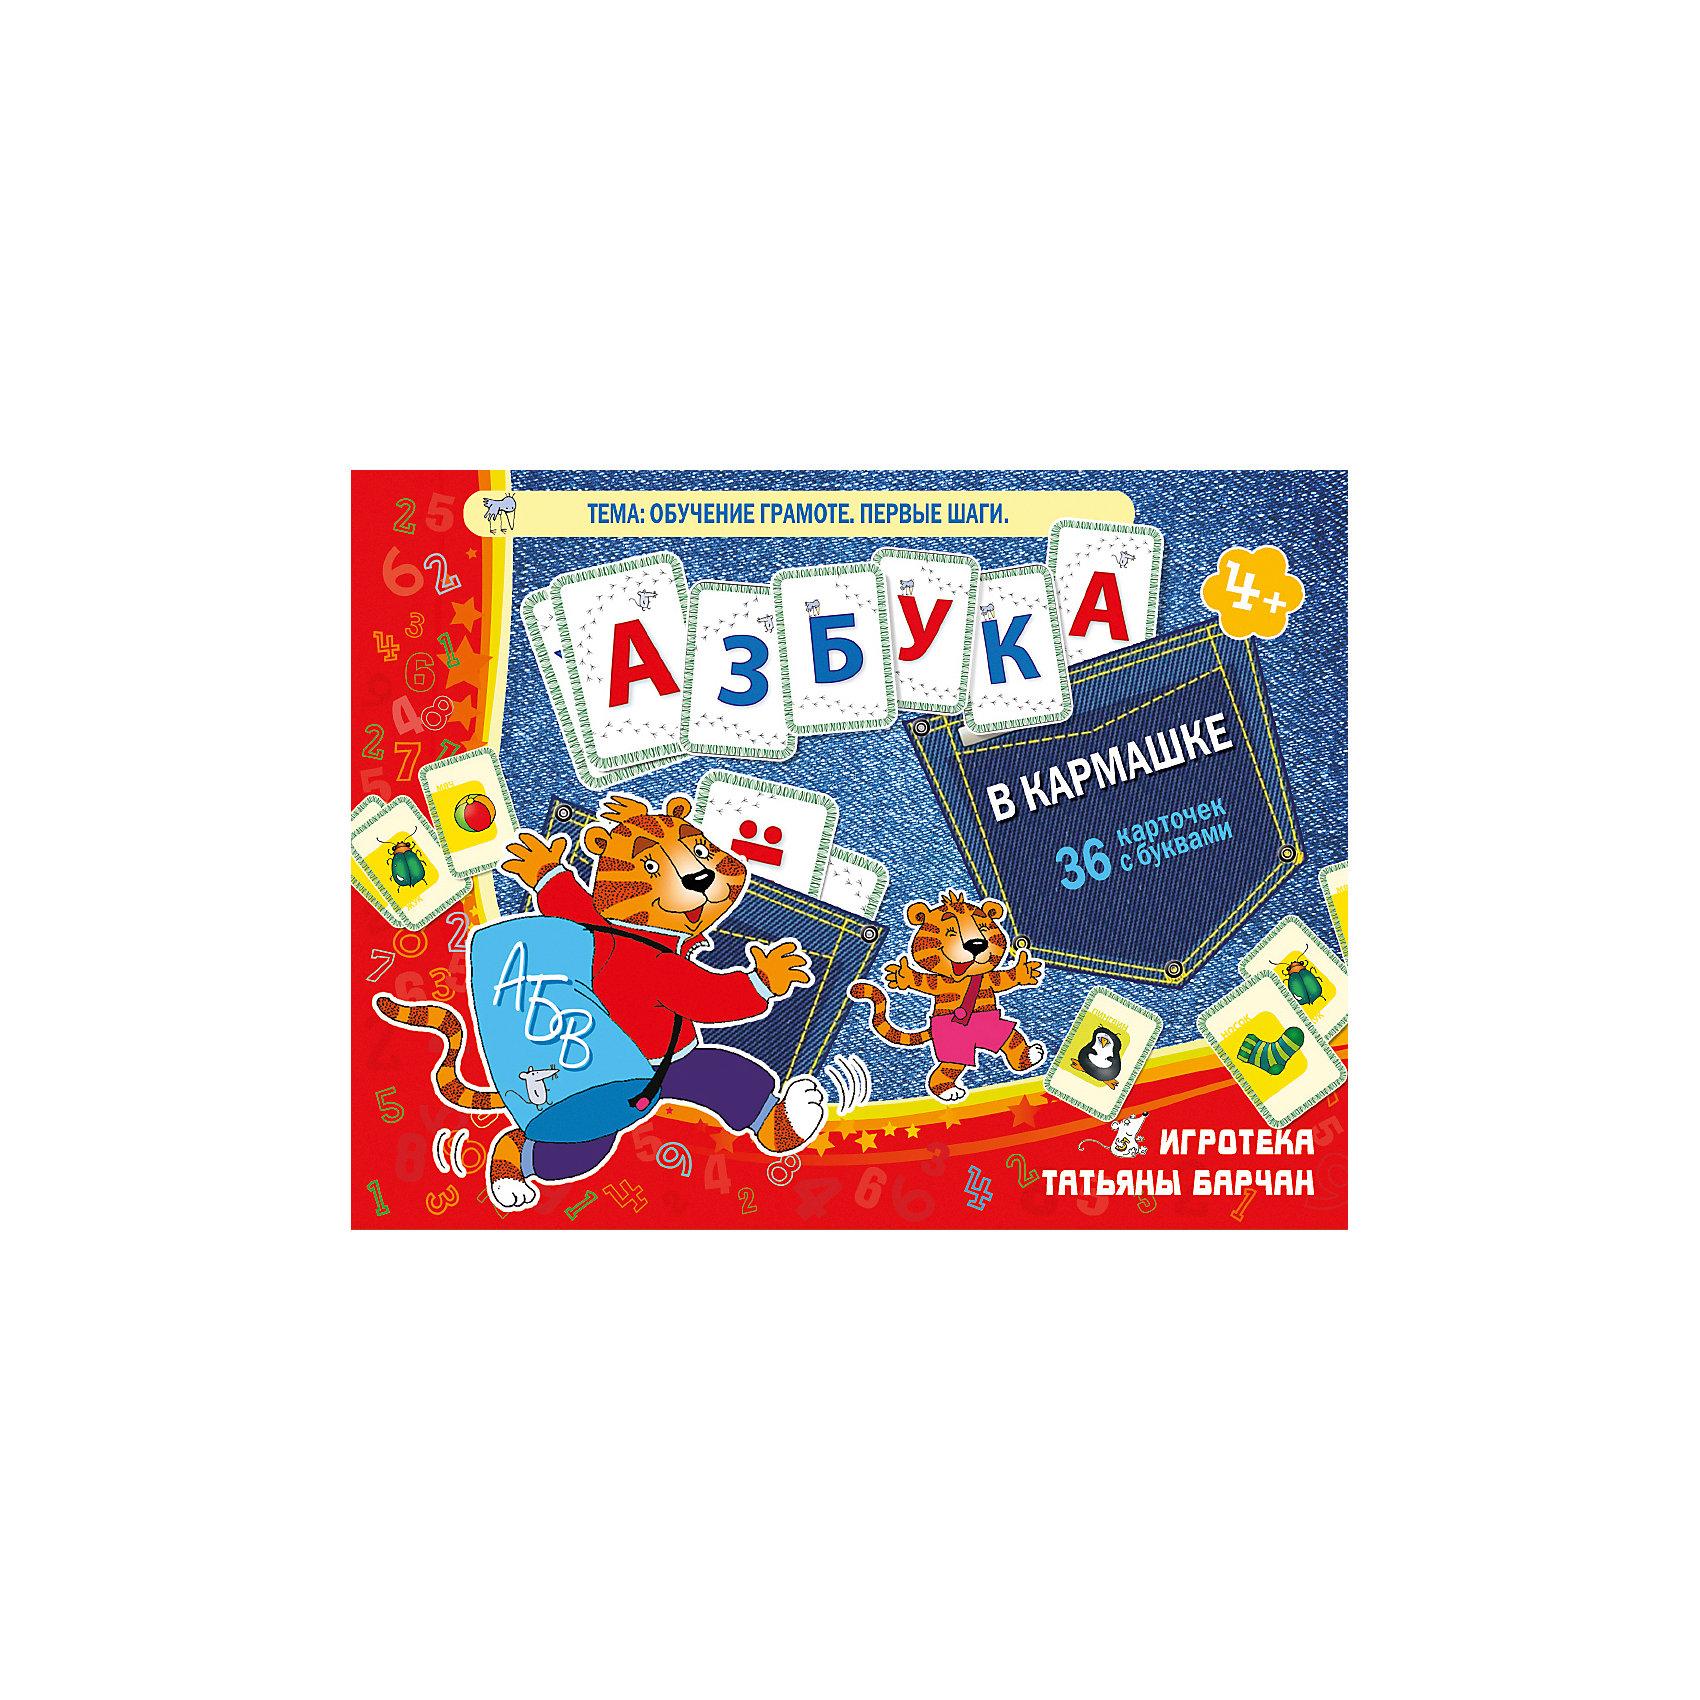 Азбука в кармашке, Игротека Татьяны БарчанАзбуки<br>Азбука в кармашке, Игротека Татьяны Барчан.<br><br>Характеристики:<br><br>• Для детей в возрасте: от 3 до 5 лет<br>• В комплекте: 36 двухсторонних карточек с буквами и картинками, инструкция<br>• Тема: Обучение грамоте. Первые шаги<br>• Материал: плотный качественный картон<br>• Производитель: ЦОТР Ребус (Россия)<br>• Упаковка: картонная коробка<br>• Размер упаковки: 19х15х5 см.<br>• Вес: 150 гр.<br><br>Буквы любят порядок. Чтобы ни одна не потерялась и не заблудилась, люди составили их в алфавит. А мы взяли – и каждой букве из алфавита подарили отдельную карточку: на одной стороне живет крупная печатная буква красного или синего цвета (гласная или согласная), а на обороте – картинка, название которой начинается с этой буквы. <br><br>Можно придумать множество полезных занятий с такими карточками: складывать первые коротенькие слова, вспоминать название предметов на задуманную букву, составлять слово по первым буквам картинки. <br><br>Игру удобно взять в дорогу, можно выбрать только знакомые буквы, или наоборот – положить в кармашек ещё незнакомые. Играйте, придумывайте правила. Весь алфавит – ваш! В инструкции к набору представлены два варианта игры с карточками и несколько заданий для ребенка, направленных на развитие речи, зрительной, слуховой памяти и концентрации внимания.<br><br>Карточки Азбука в кармашке, Игротека Татьяны Барчан можно купить в нашем интернет-магазине.<br><br>Ширина мм: 270<br>Глубина мм: 180<br>Высота мм: 40<br>Вес г: 142<br>Возраст от месяцев: 36<br>Возраст до месяцев: 60<br>Пол: Унисекс<br>Возраст: Детский<br>SKU: 6751301